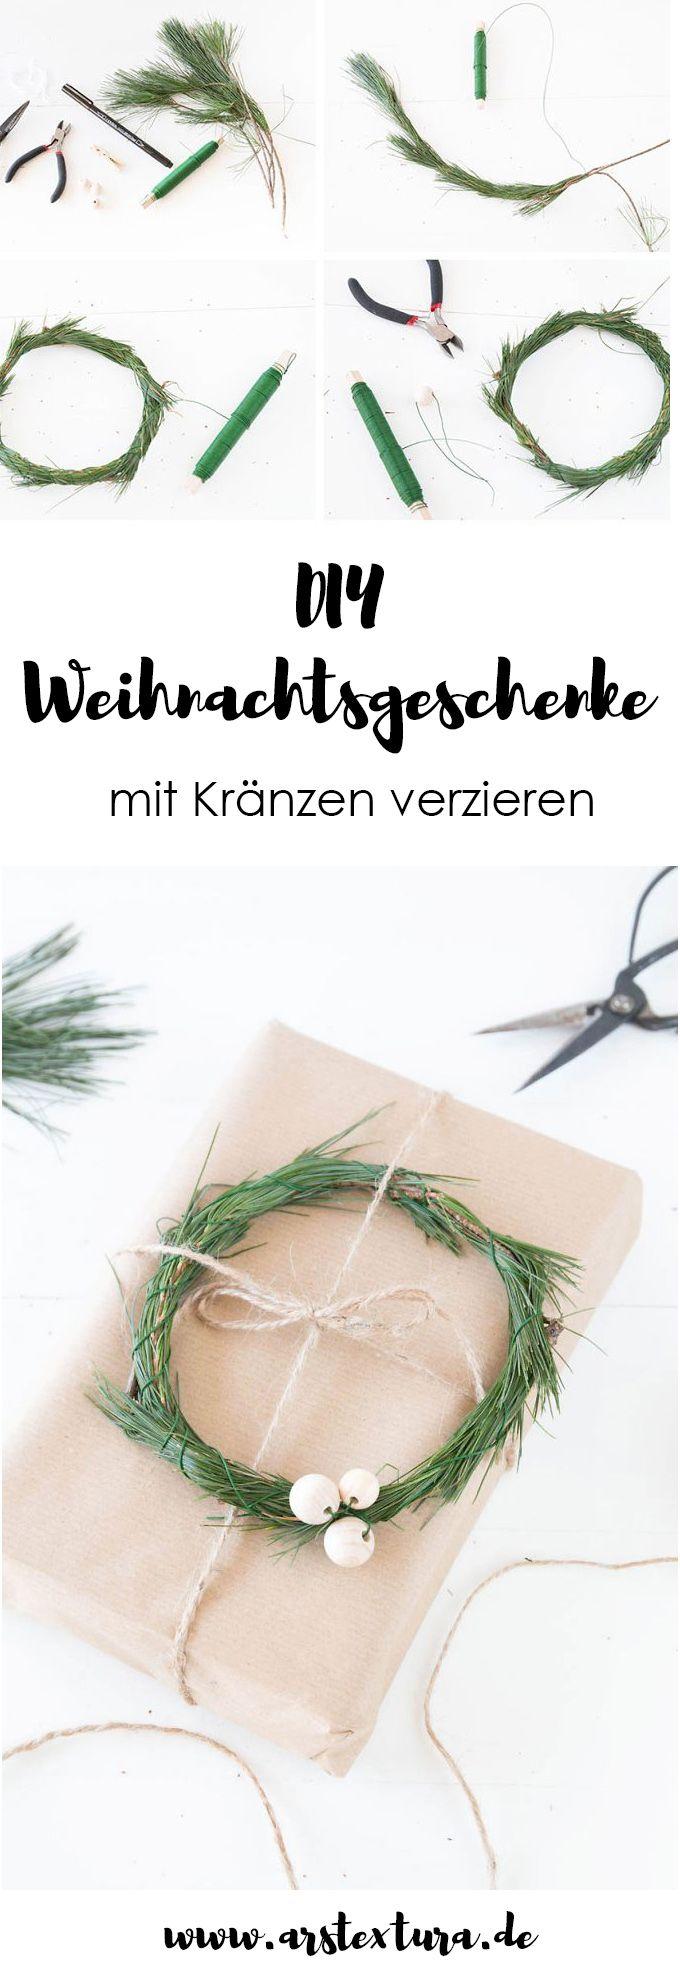 Geschenke Verpacken   Weihnachtsgeschenke Einfach Verpacken Und Kleine  Kränze Aus Tannenzweigen Basteln   #diygeschenk #